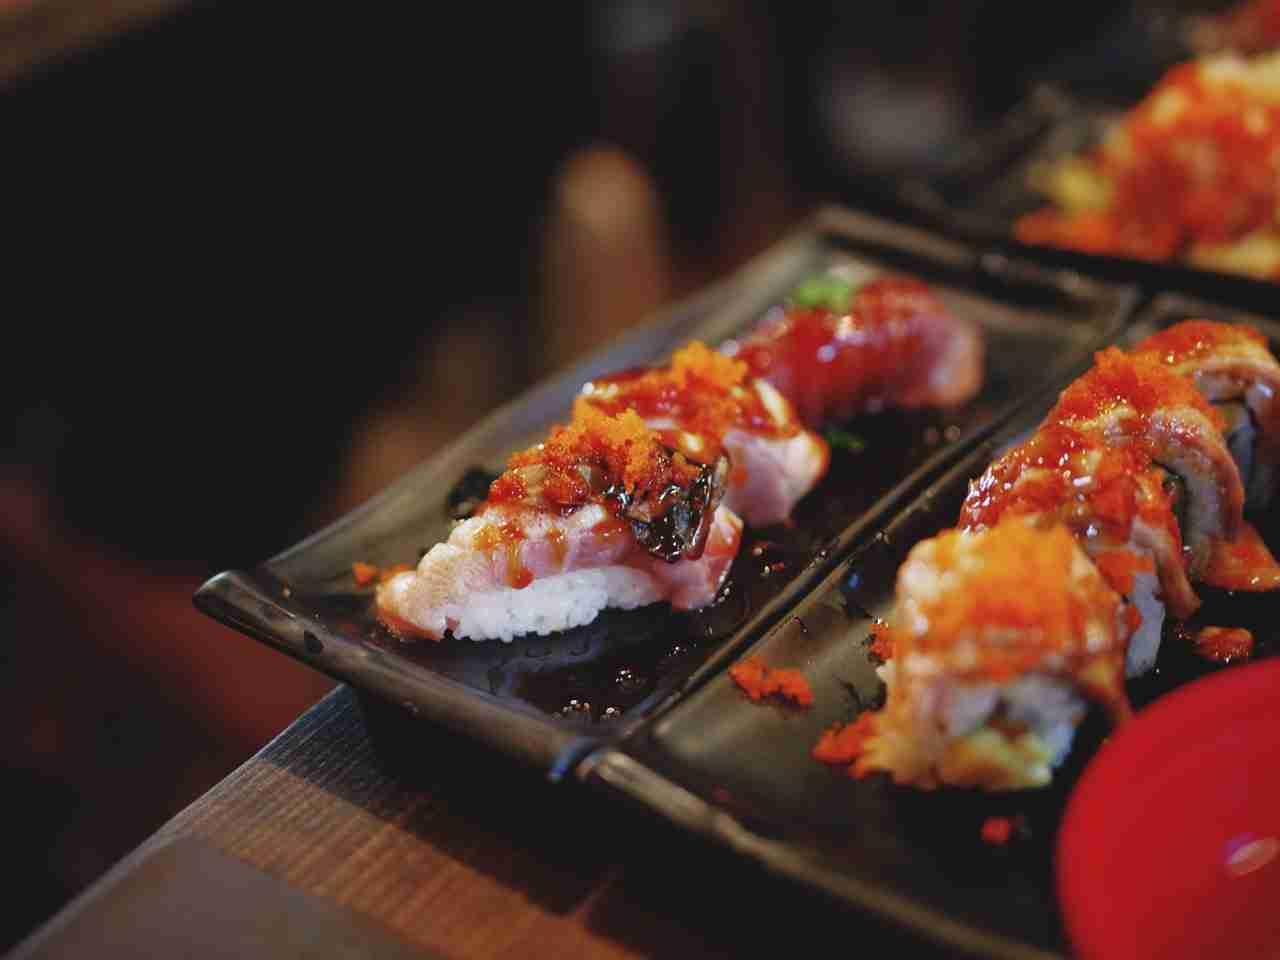 comida japonesa gravidas nao devem comer